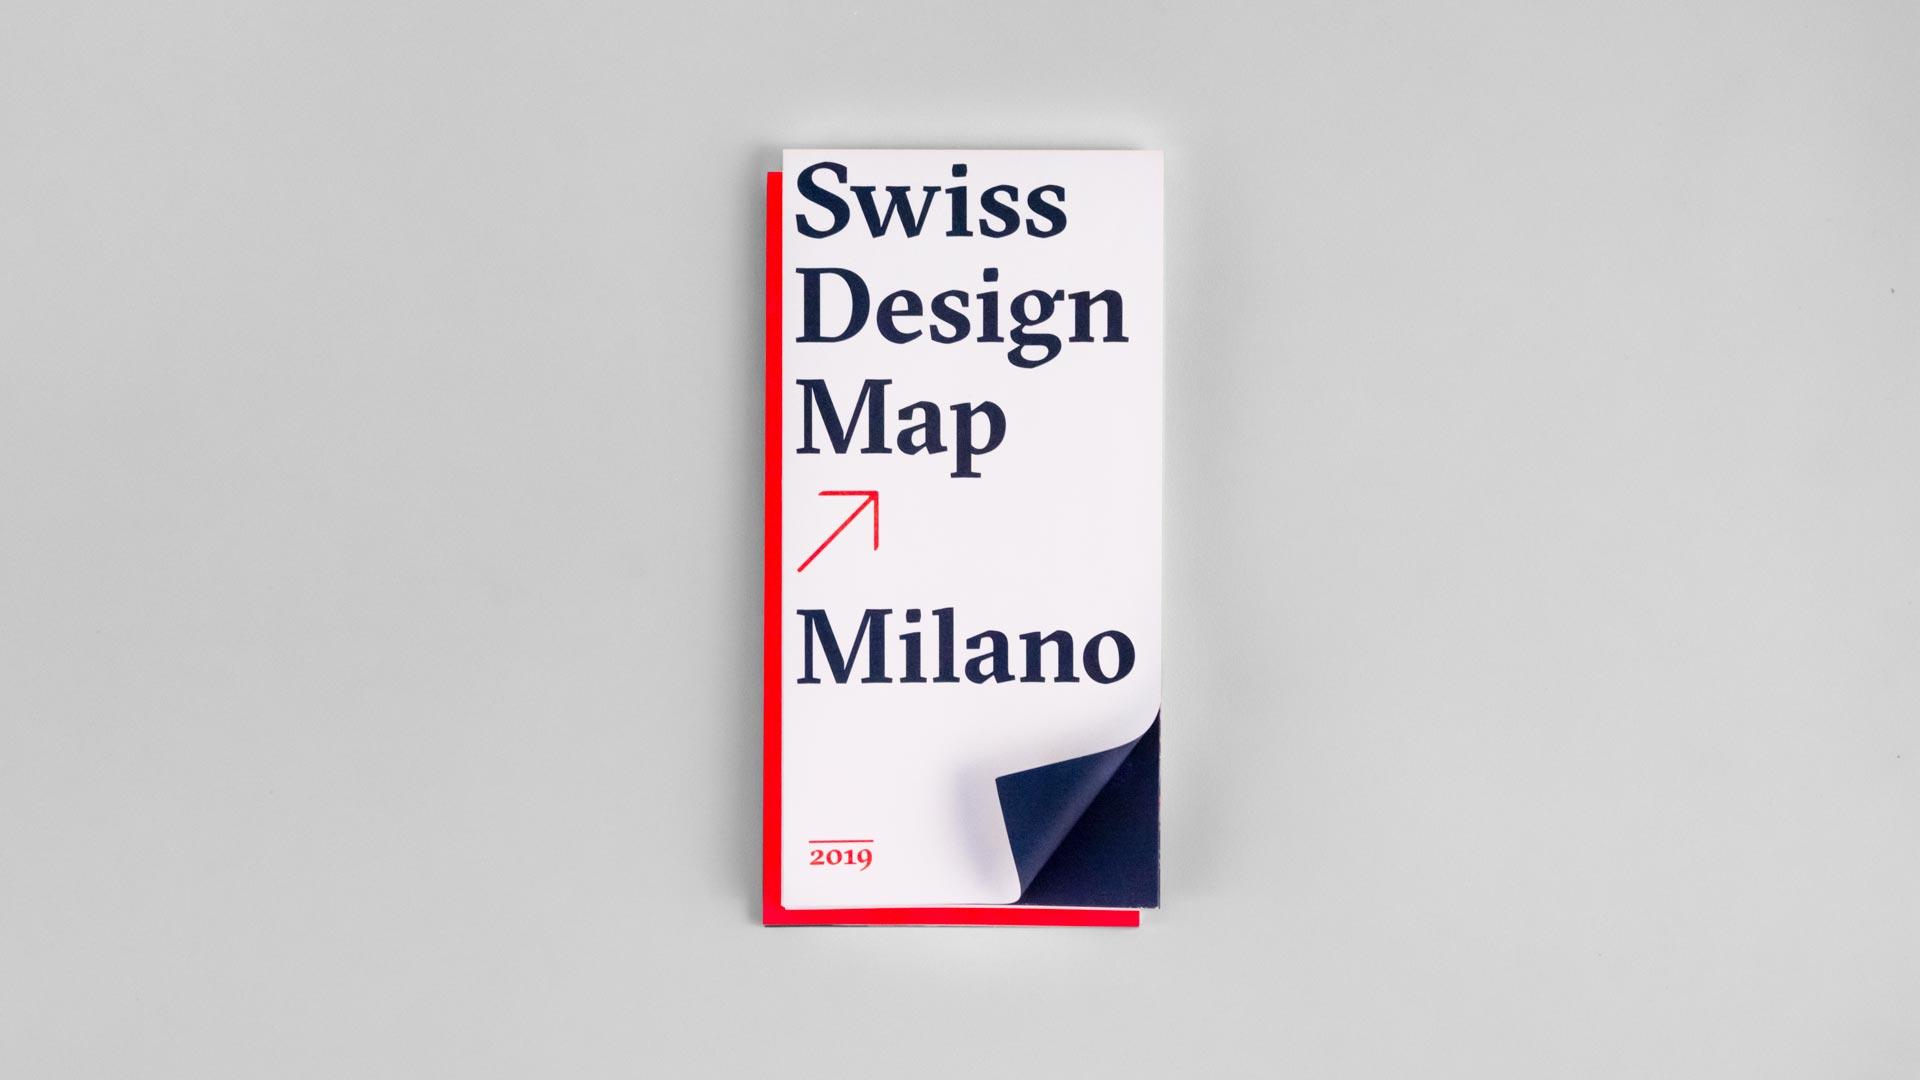 l'equipe visuelle Grafik Werbung Agentur Swiss Design Map Milano Milan Mailand Karte Corporate Design Schweizer General Konsulat Mailand